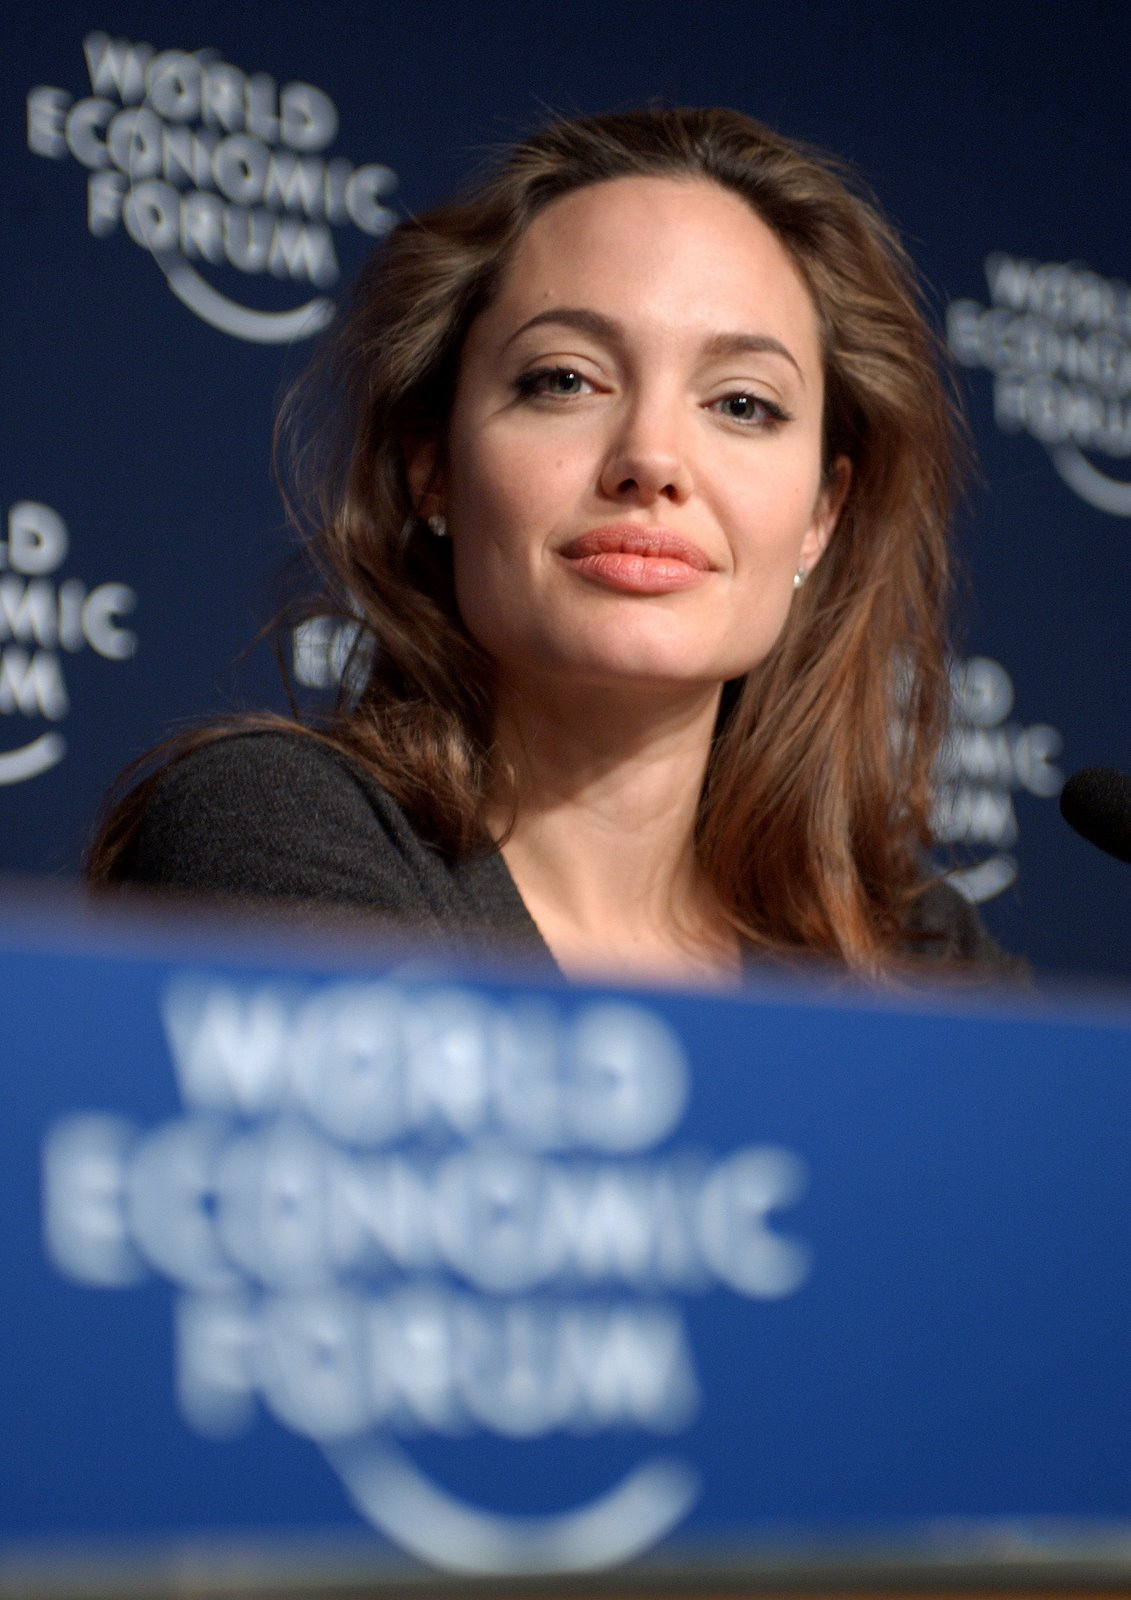 http://2.bp.blogspot.com/_0I-smBDKGVs/THyEHWjWk9I/AAAAAAAADJ8/f3XAXcQfu8c/s1600/Angelina_Jolie_at_Davos.jpg